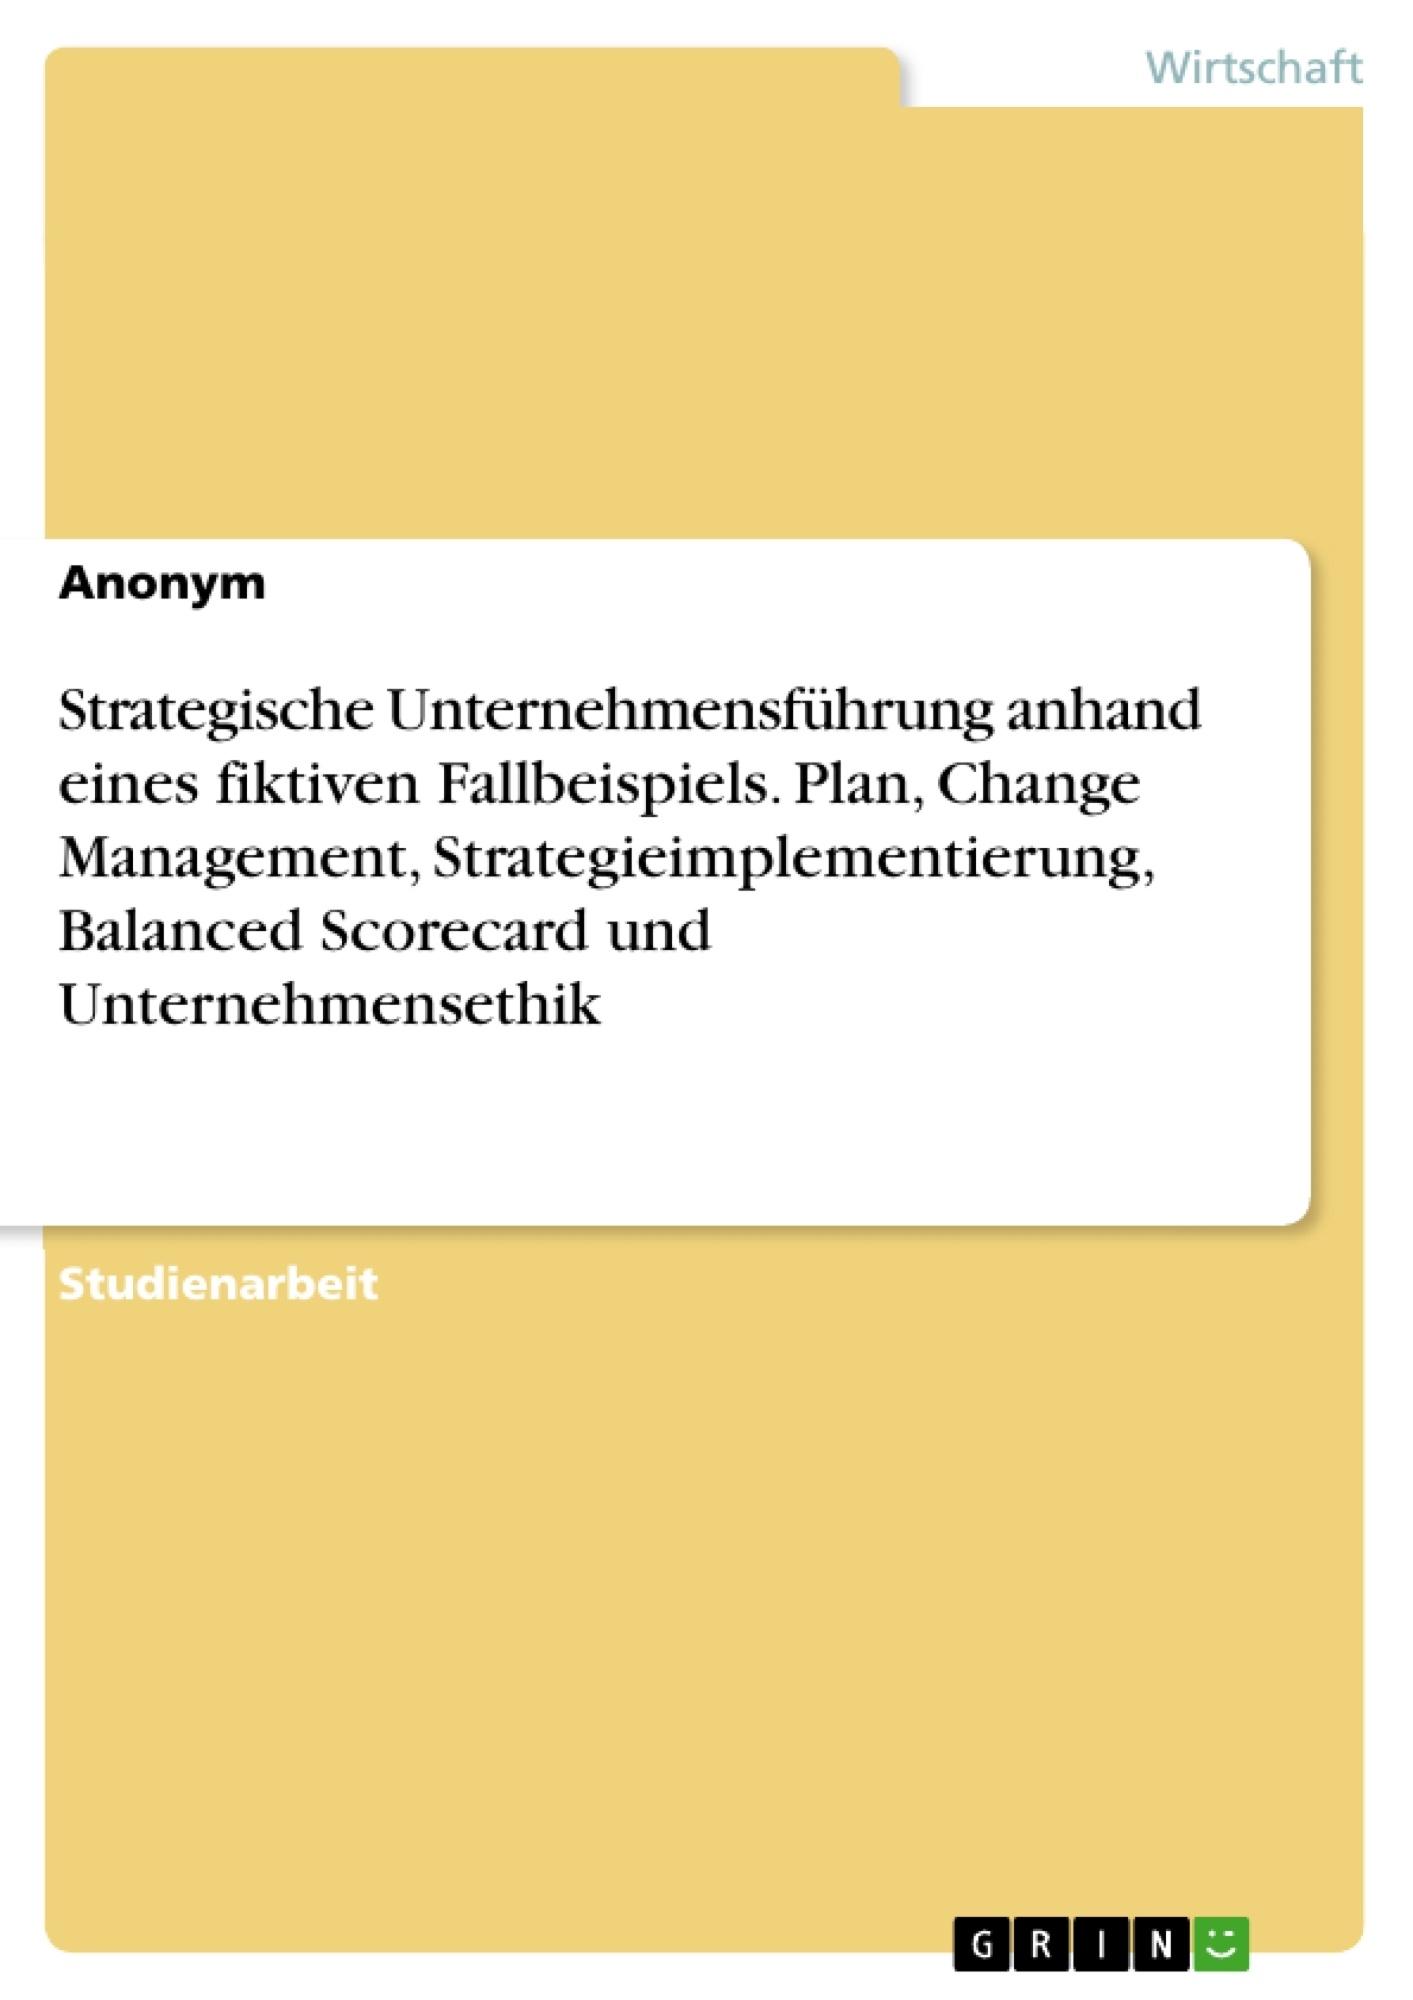 Titel: Strategische Unternehmensführung anhand eines fiktiven Fallbeispiels. Plan, Change Management, Strategieimplementierung, Balanced Scorecard und Unternehmensethik